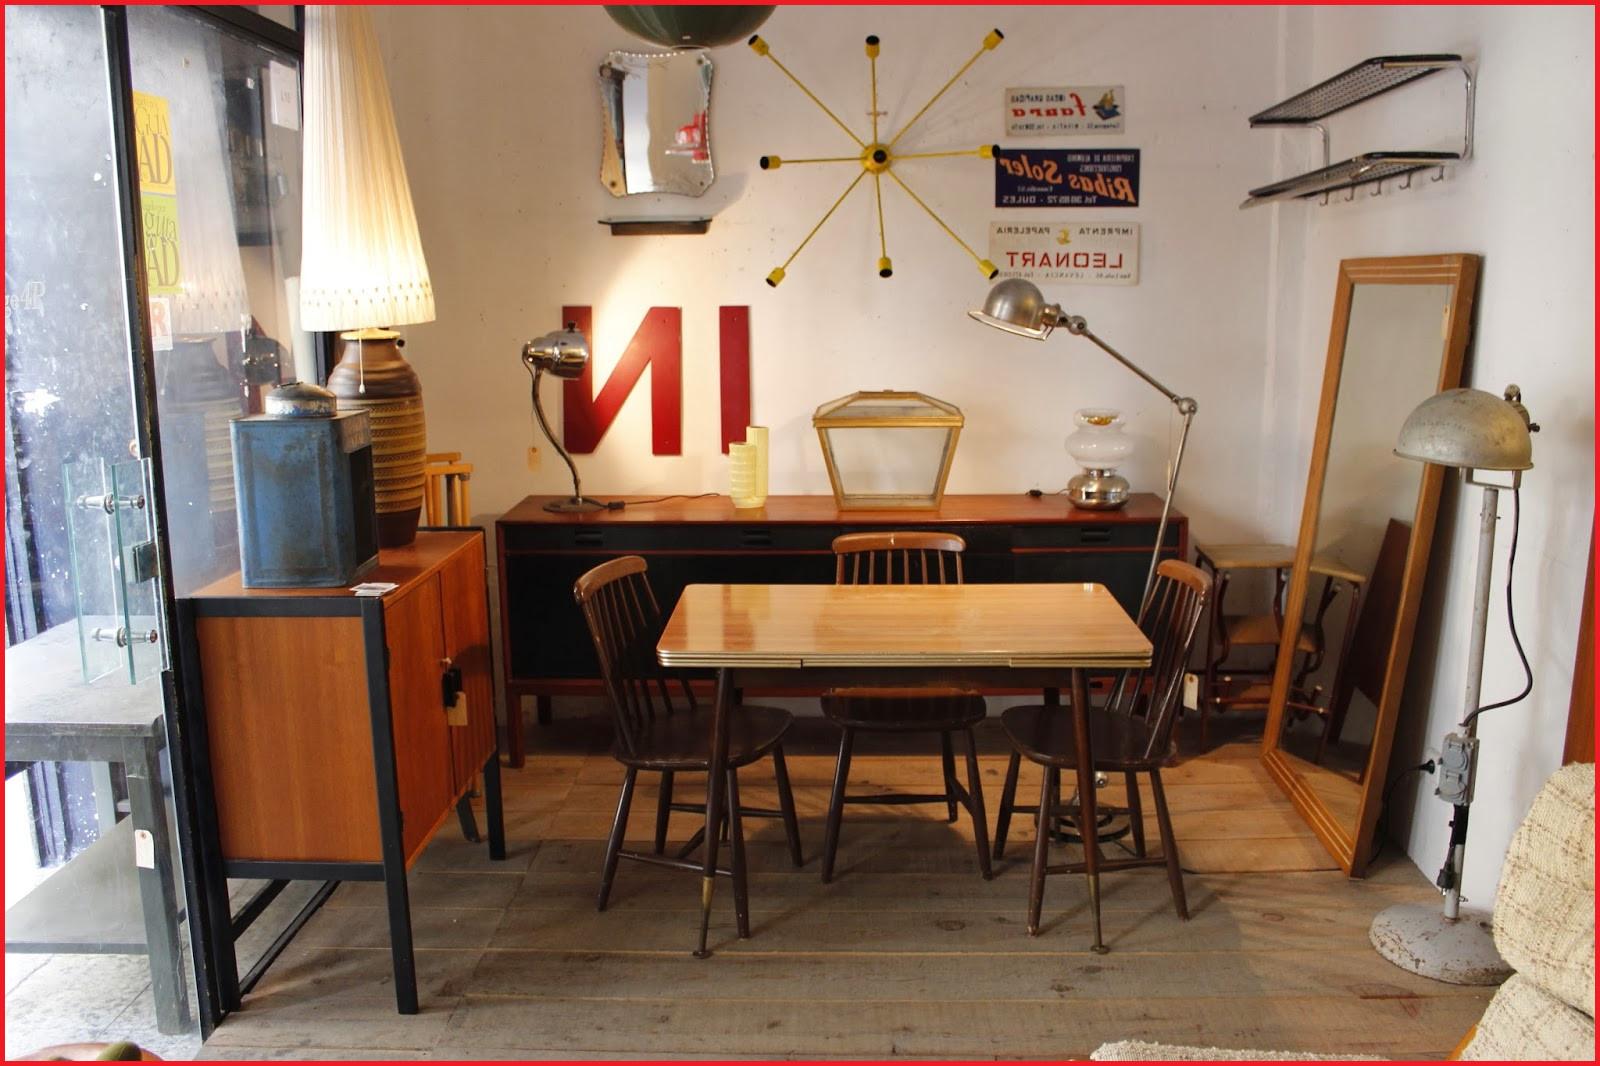 Muebles Vintage Sevilla O2d5 Tienda De Muebles Vintage Sevilla Archives Arsenalsupremo